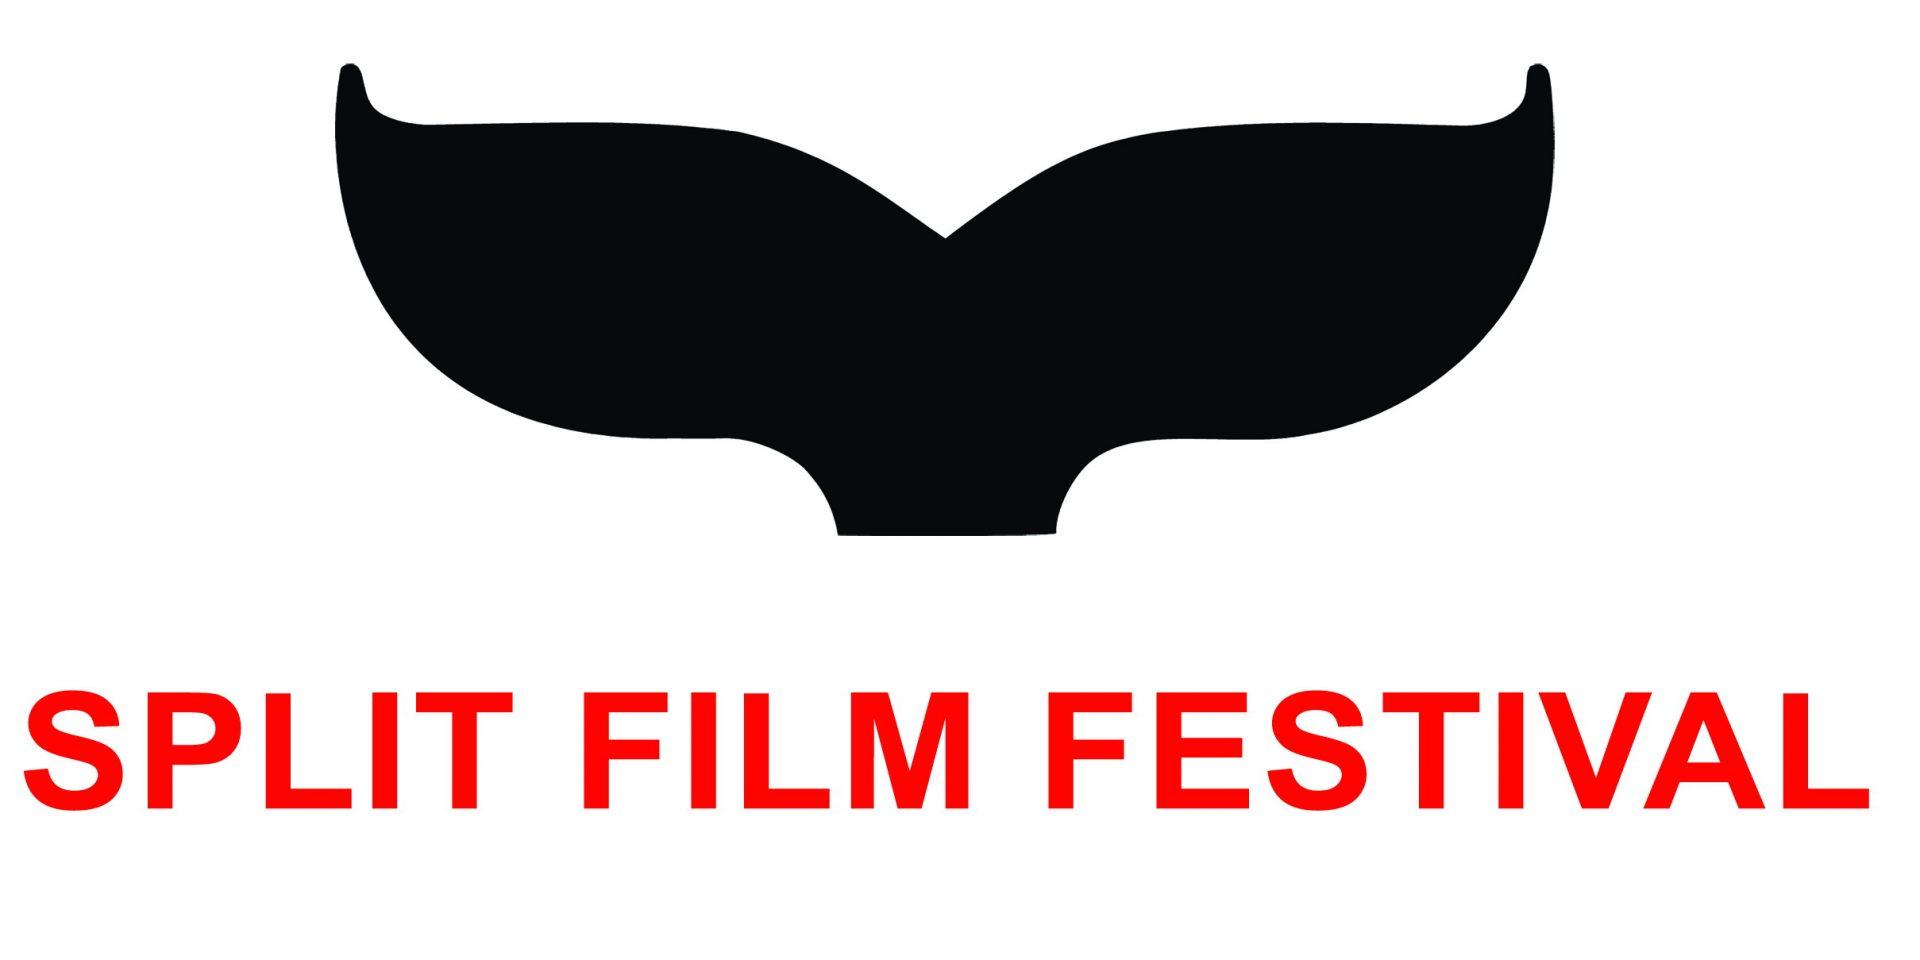 Splitski filmski festival